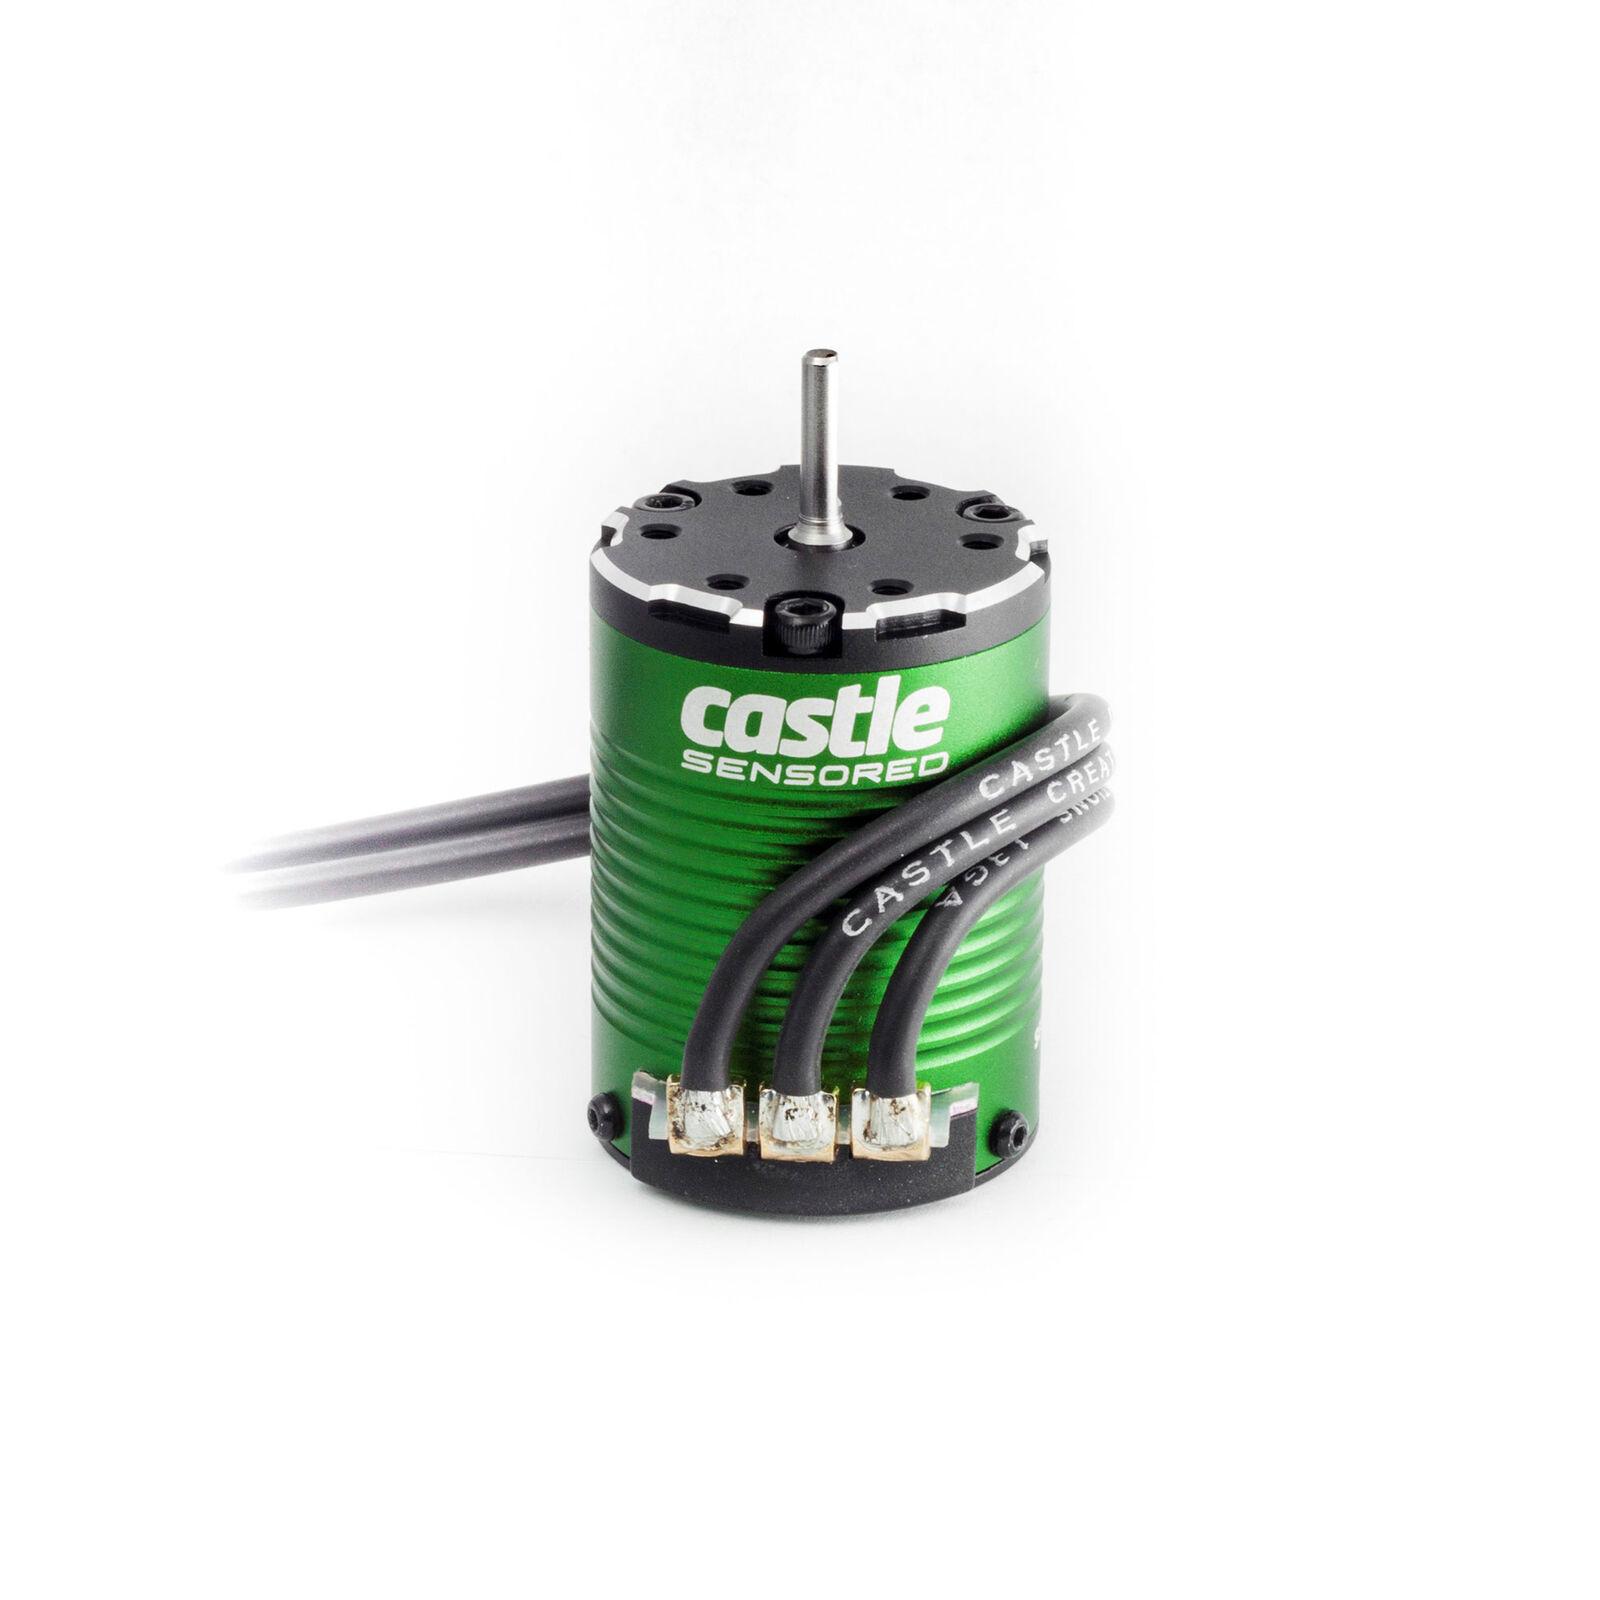 1/10 4-Pole Sensored Brushless Motor, 1406-5700Kv: 4mm Bullet